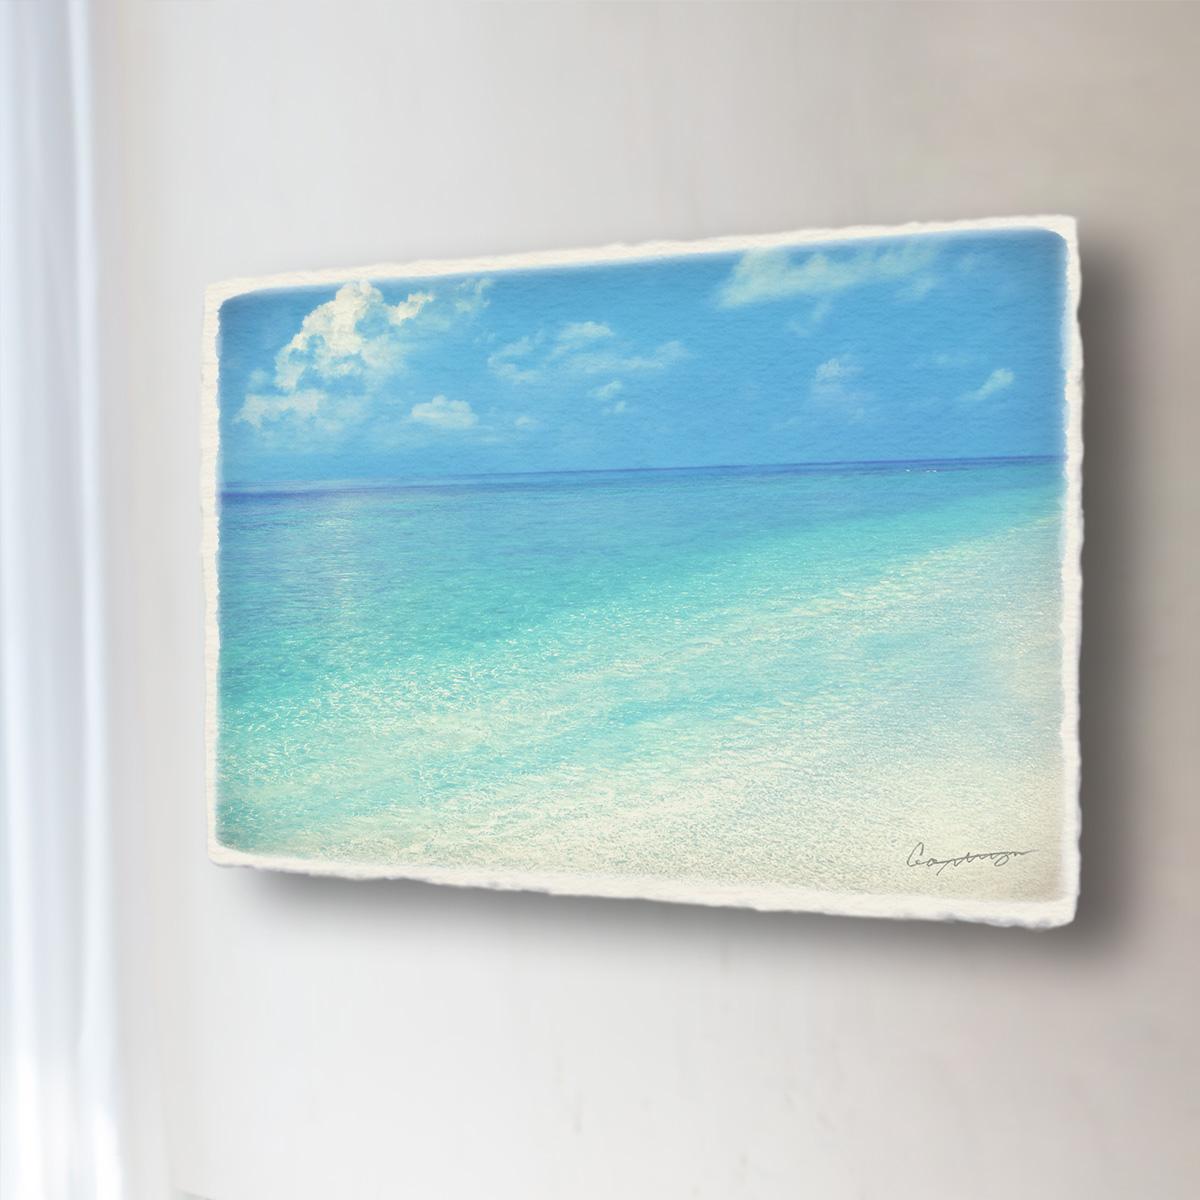 和紙 手作り アートパネル 「珊瑚礁の波打際」(81x54cm) 絵画 絵 ポスター 壁掛け モダン アート 和風 オリジナル インテリア 風景画 ランキング おすすめ おしゃれ 人気 キッチン リビング ダイニング 玄関 和室